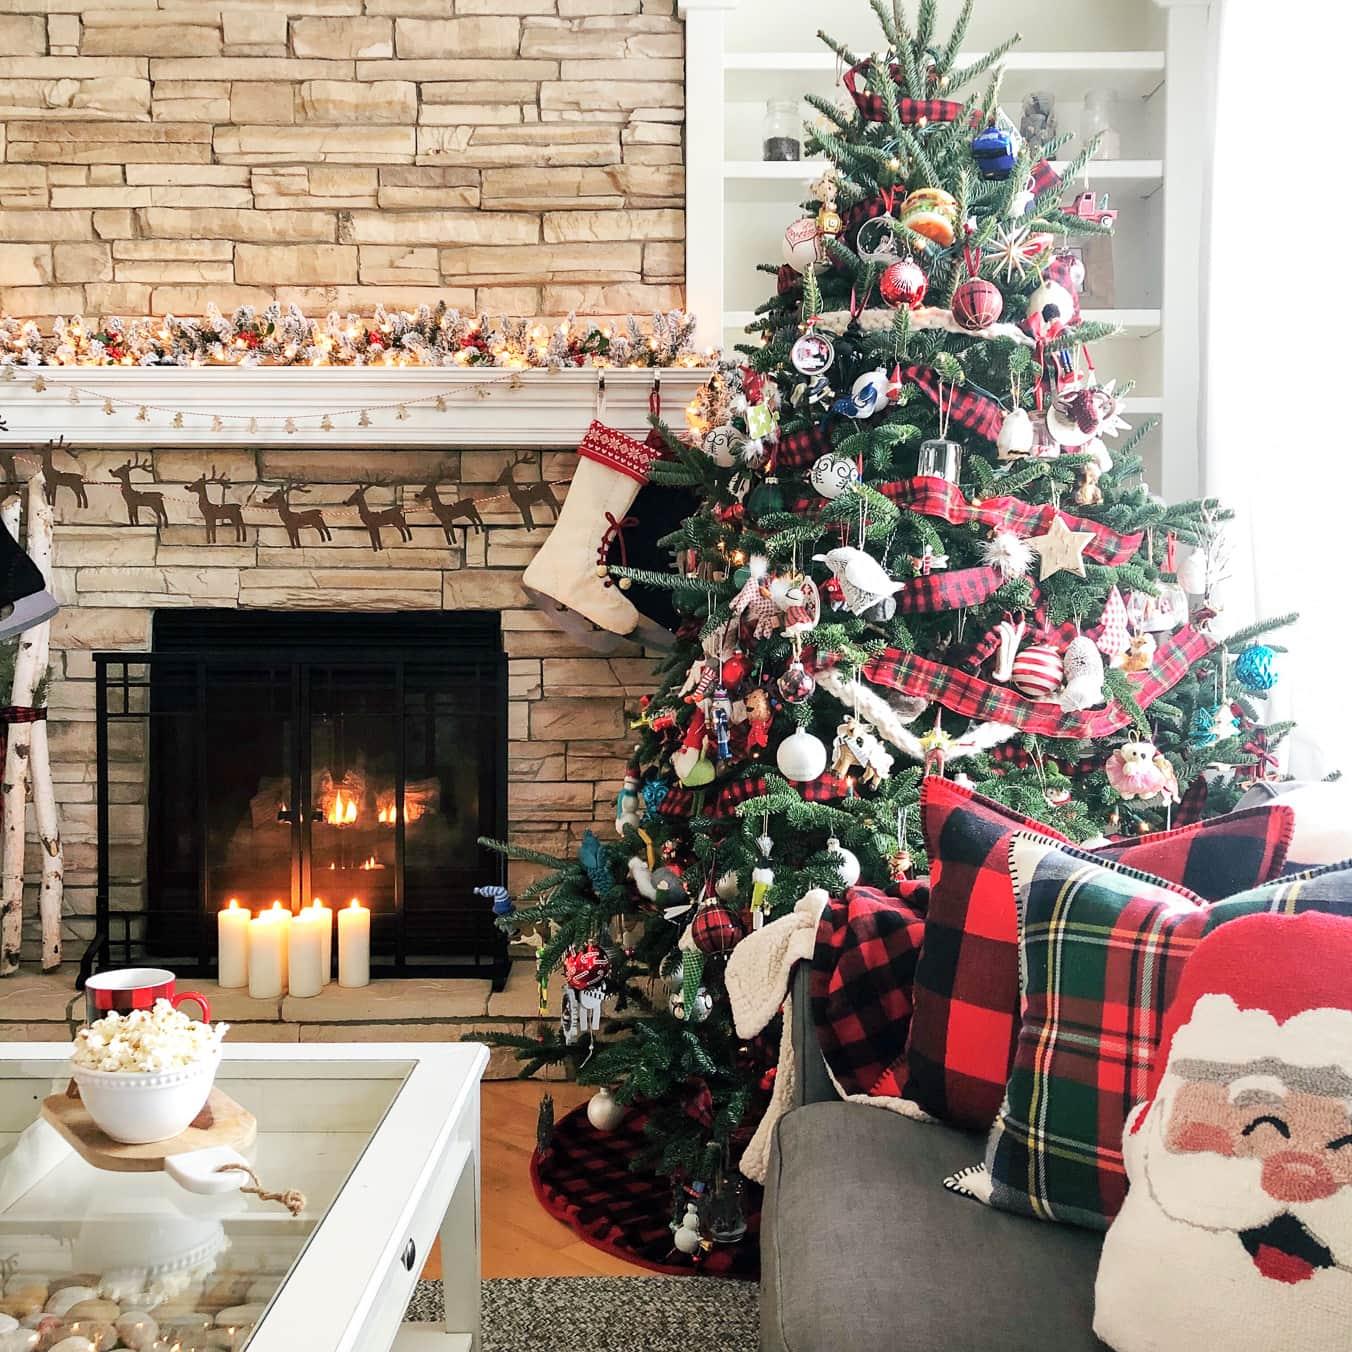 My Christmas Home Tour